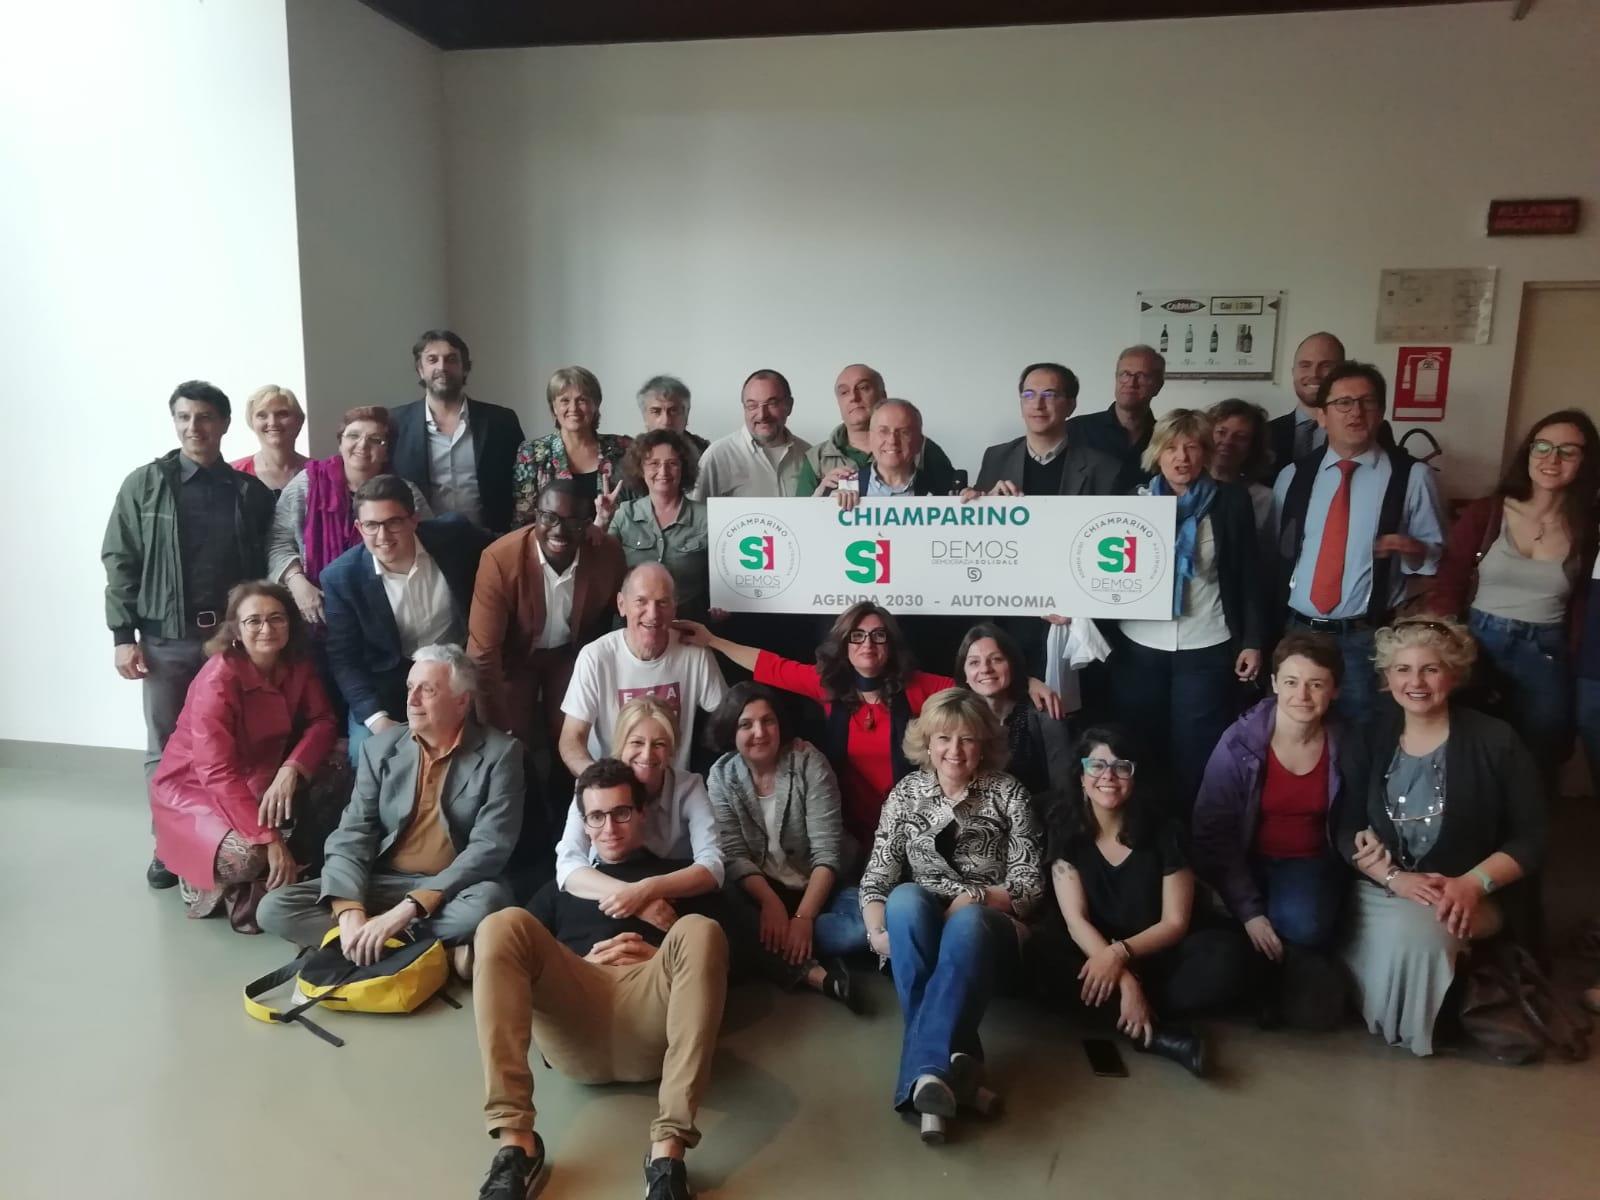 demos democrazia solidale piemonte elezioni regionali 2019 candidati volontari